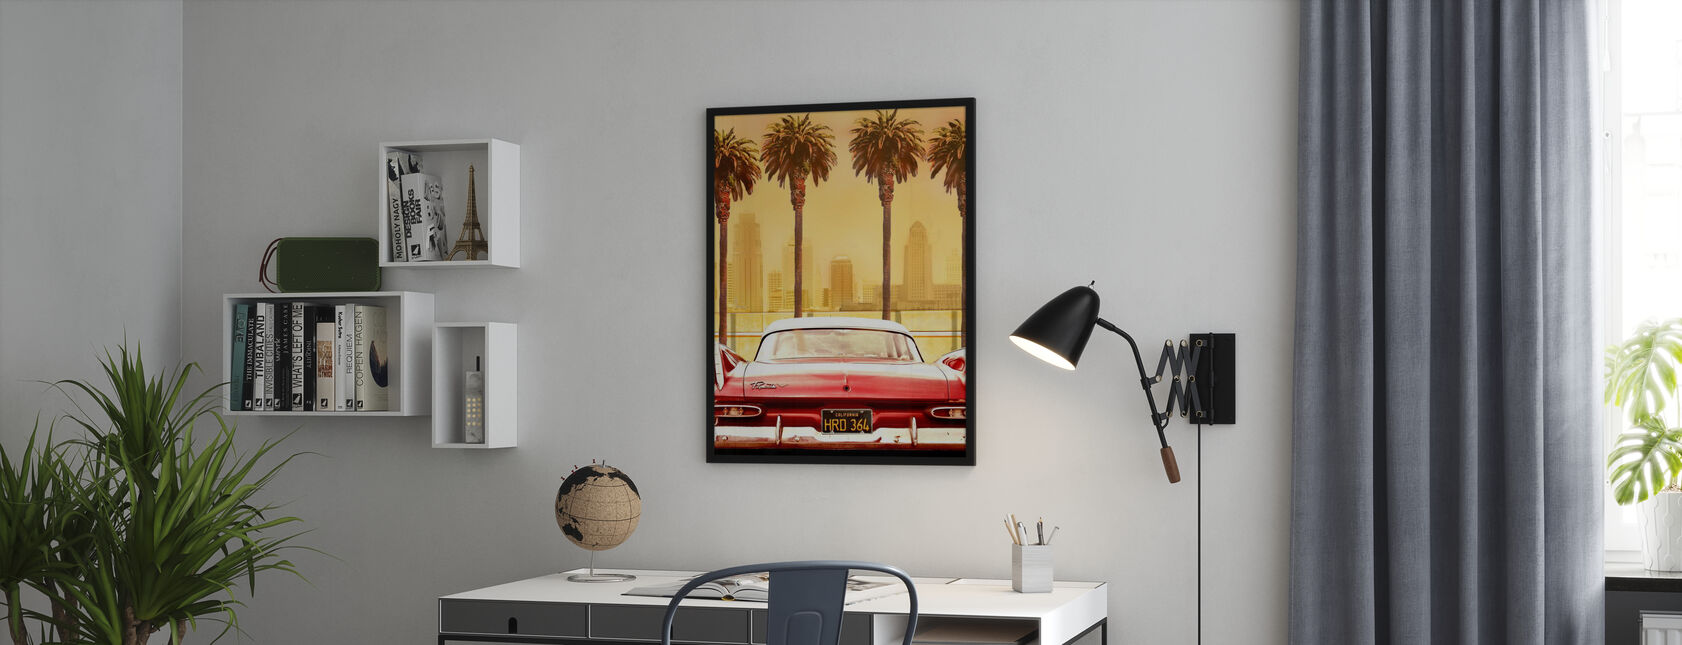 Plymouth Savoy kanssa Palms - Juliste - Toimisto